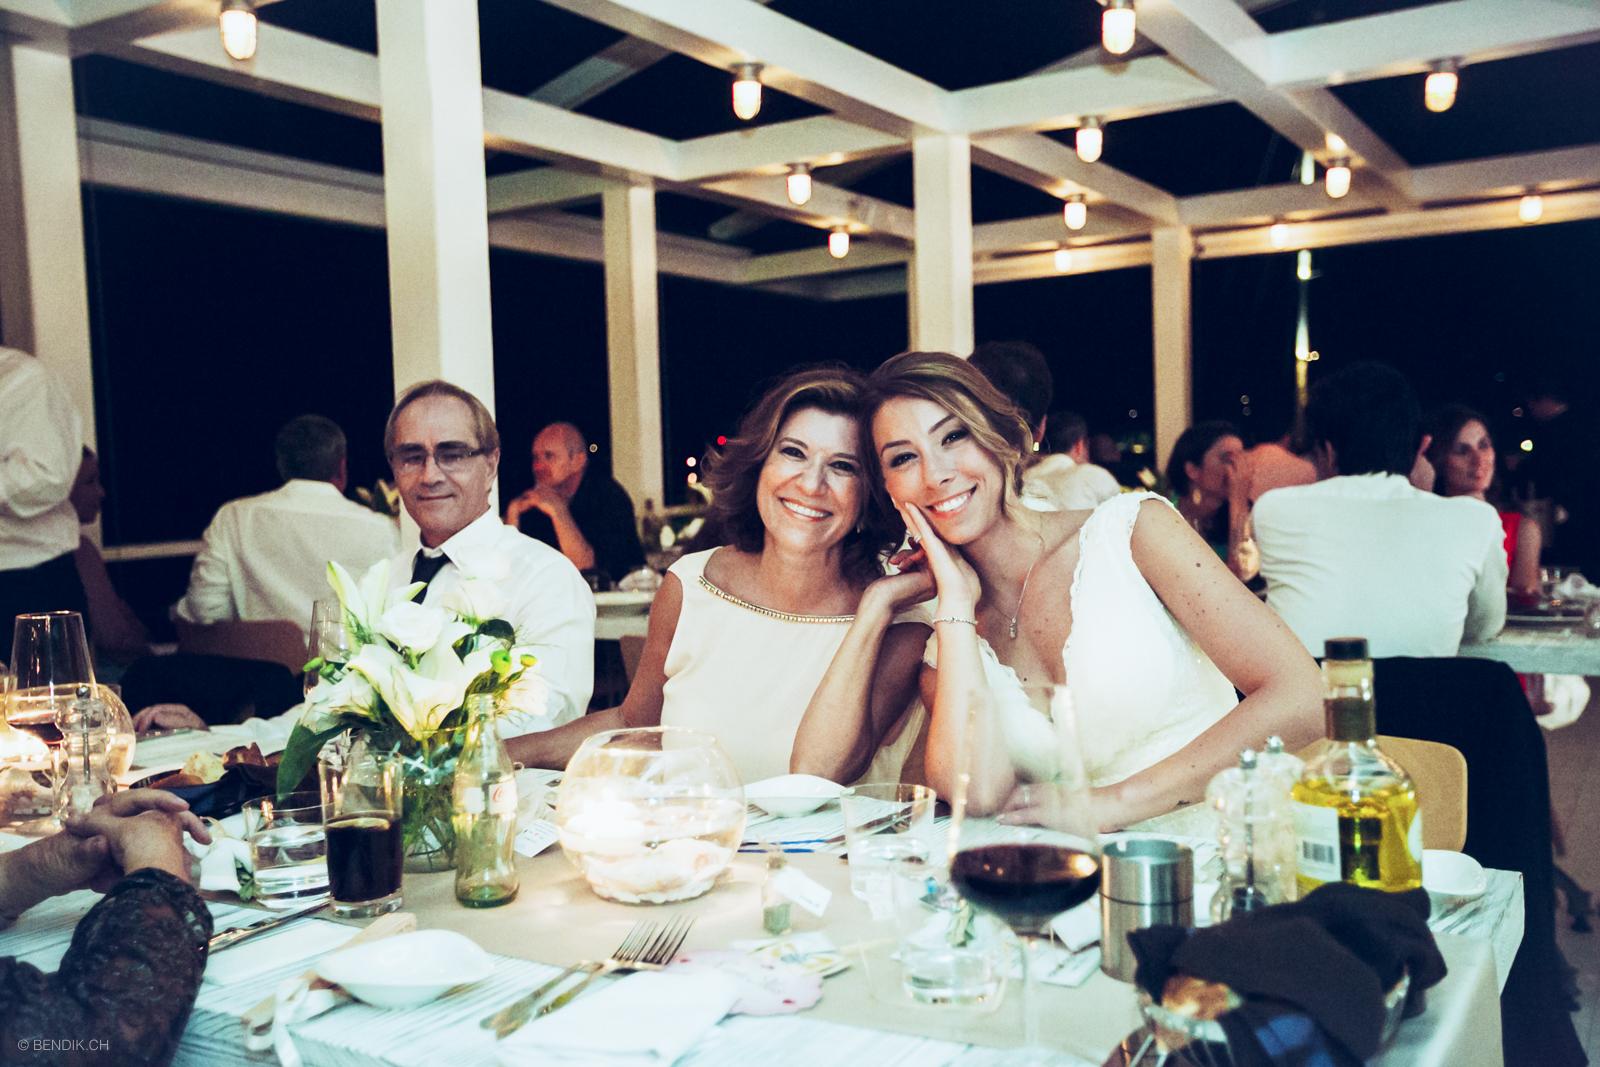 wedding_photoshoot_pinar_tolga20150913_076